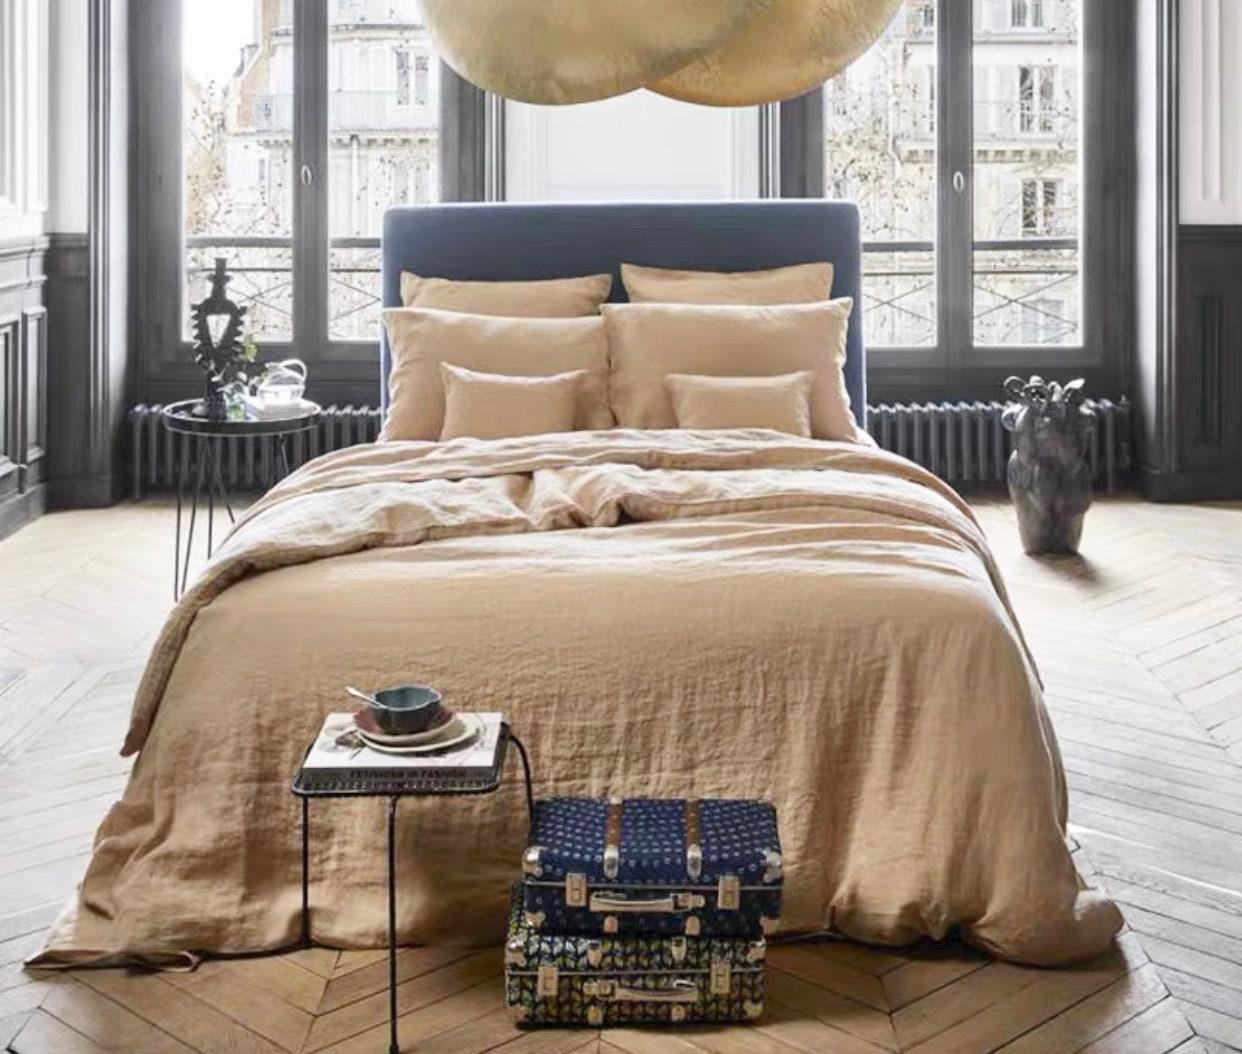 Couverture de couette en lin, couverture 100% naturelle de couette en lin lavée en pierre en couleur beige, taille personnalisée, Made To Order.